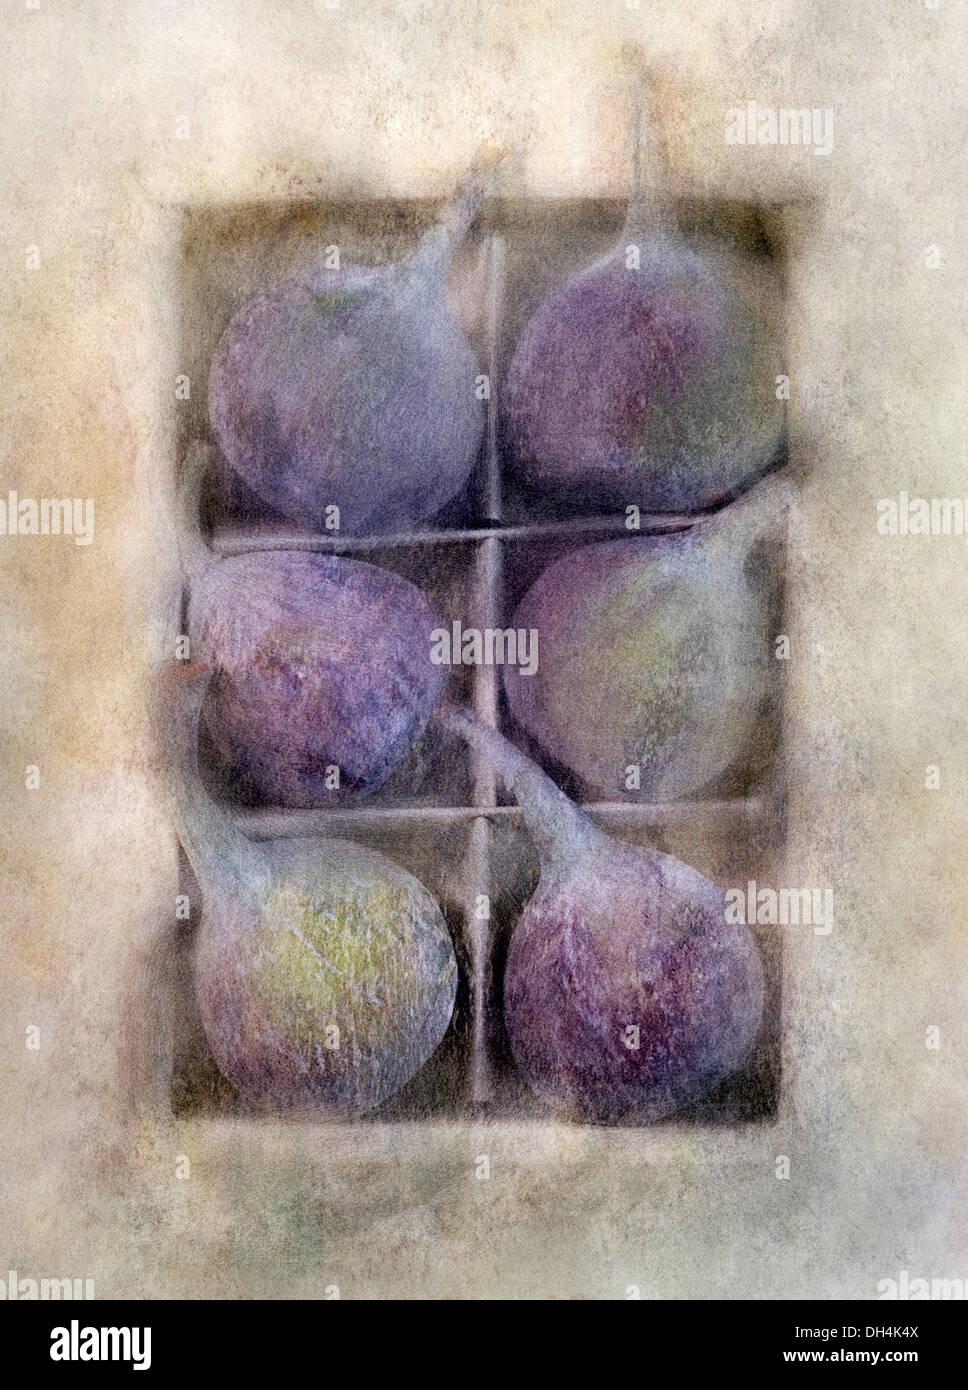 Fig Ficus carica. Image manipulée numériquement de fort de six figures contre ramolli coupé contexte l'effet de l'illustration. Photo Stock